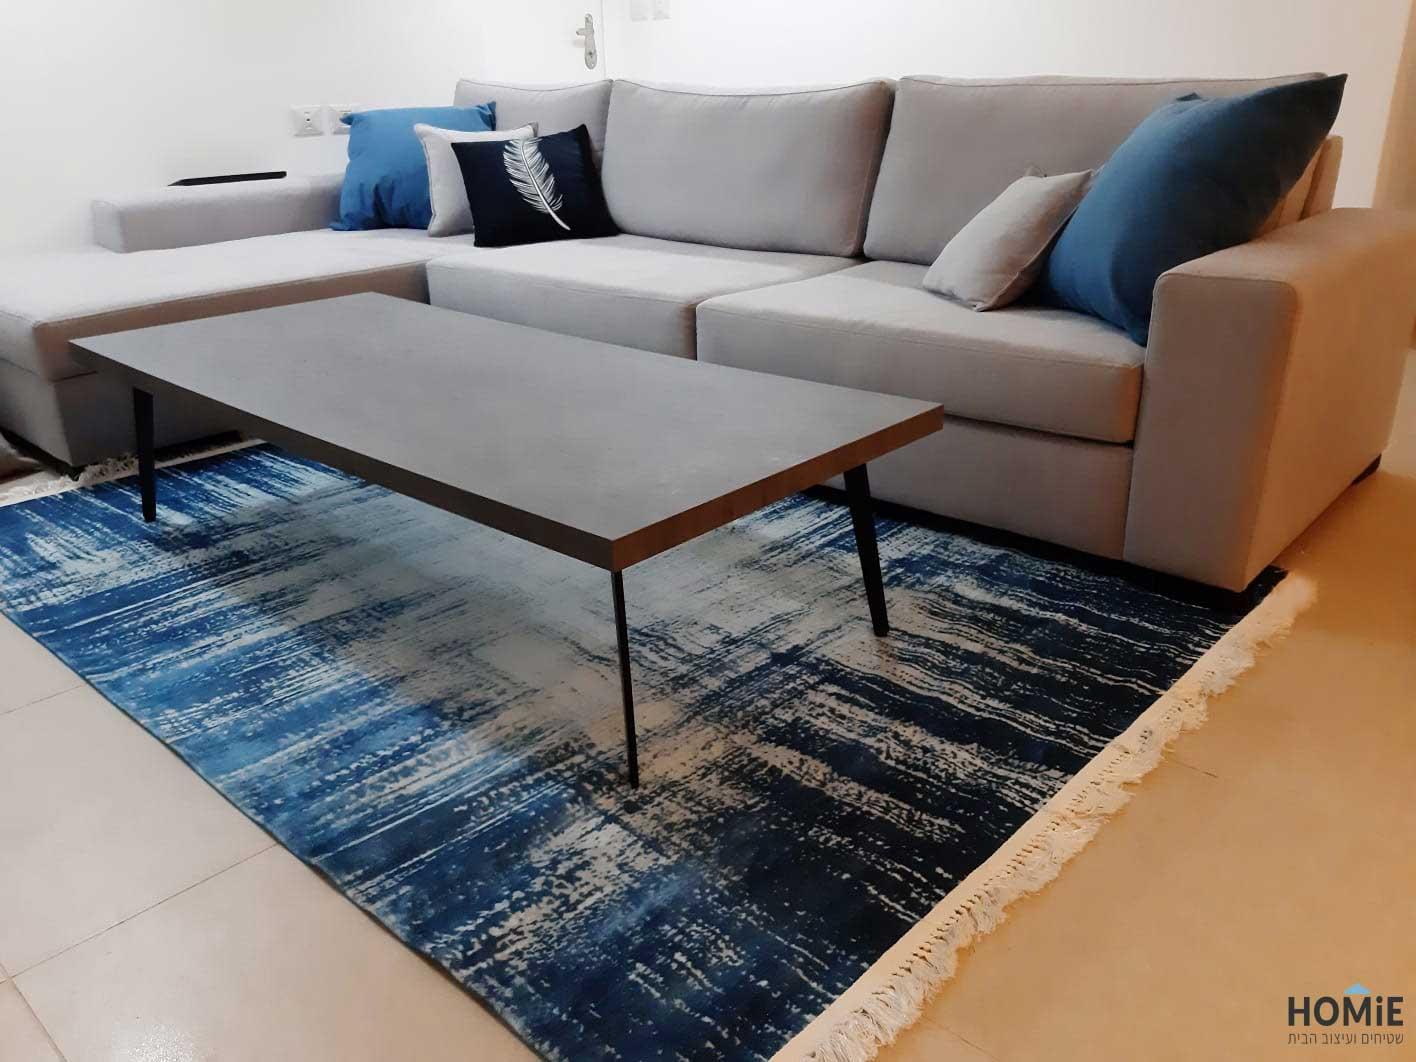 שטיח לסלון כחול בסגנון אבסטרקטי מרהיב